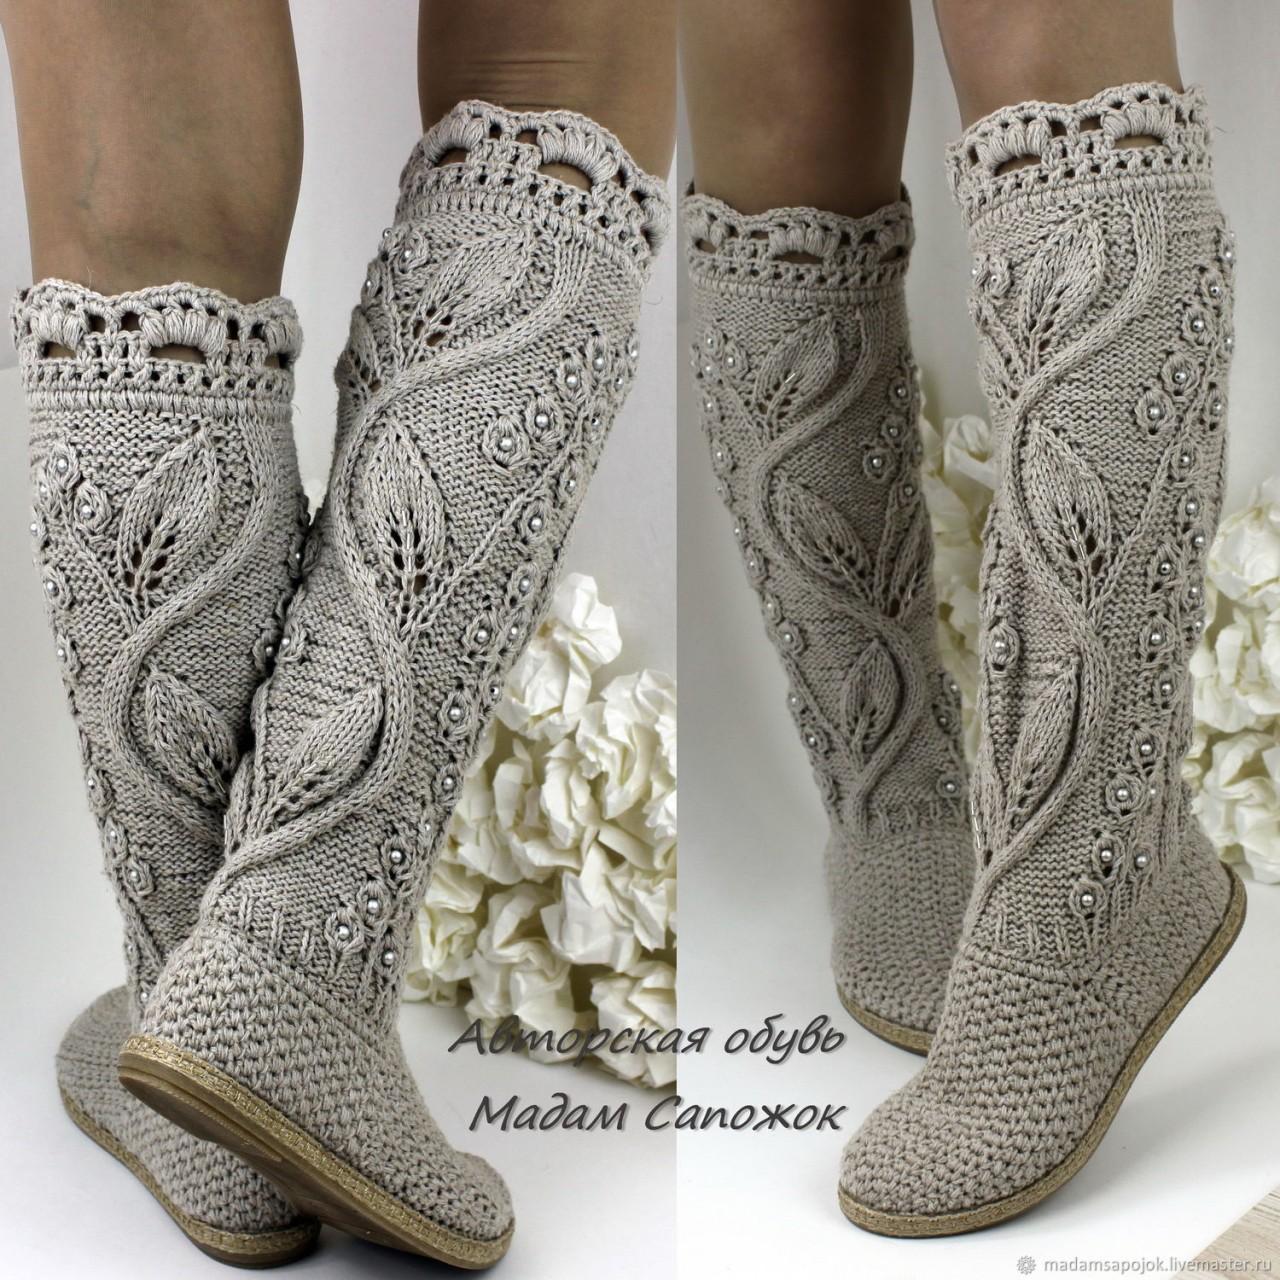 Идеи для любителей вязания - красивая вязаная  обувь от мастера Мадам Сапожок Ксения